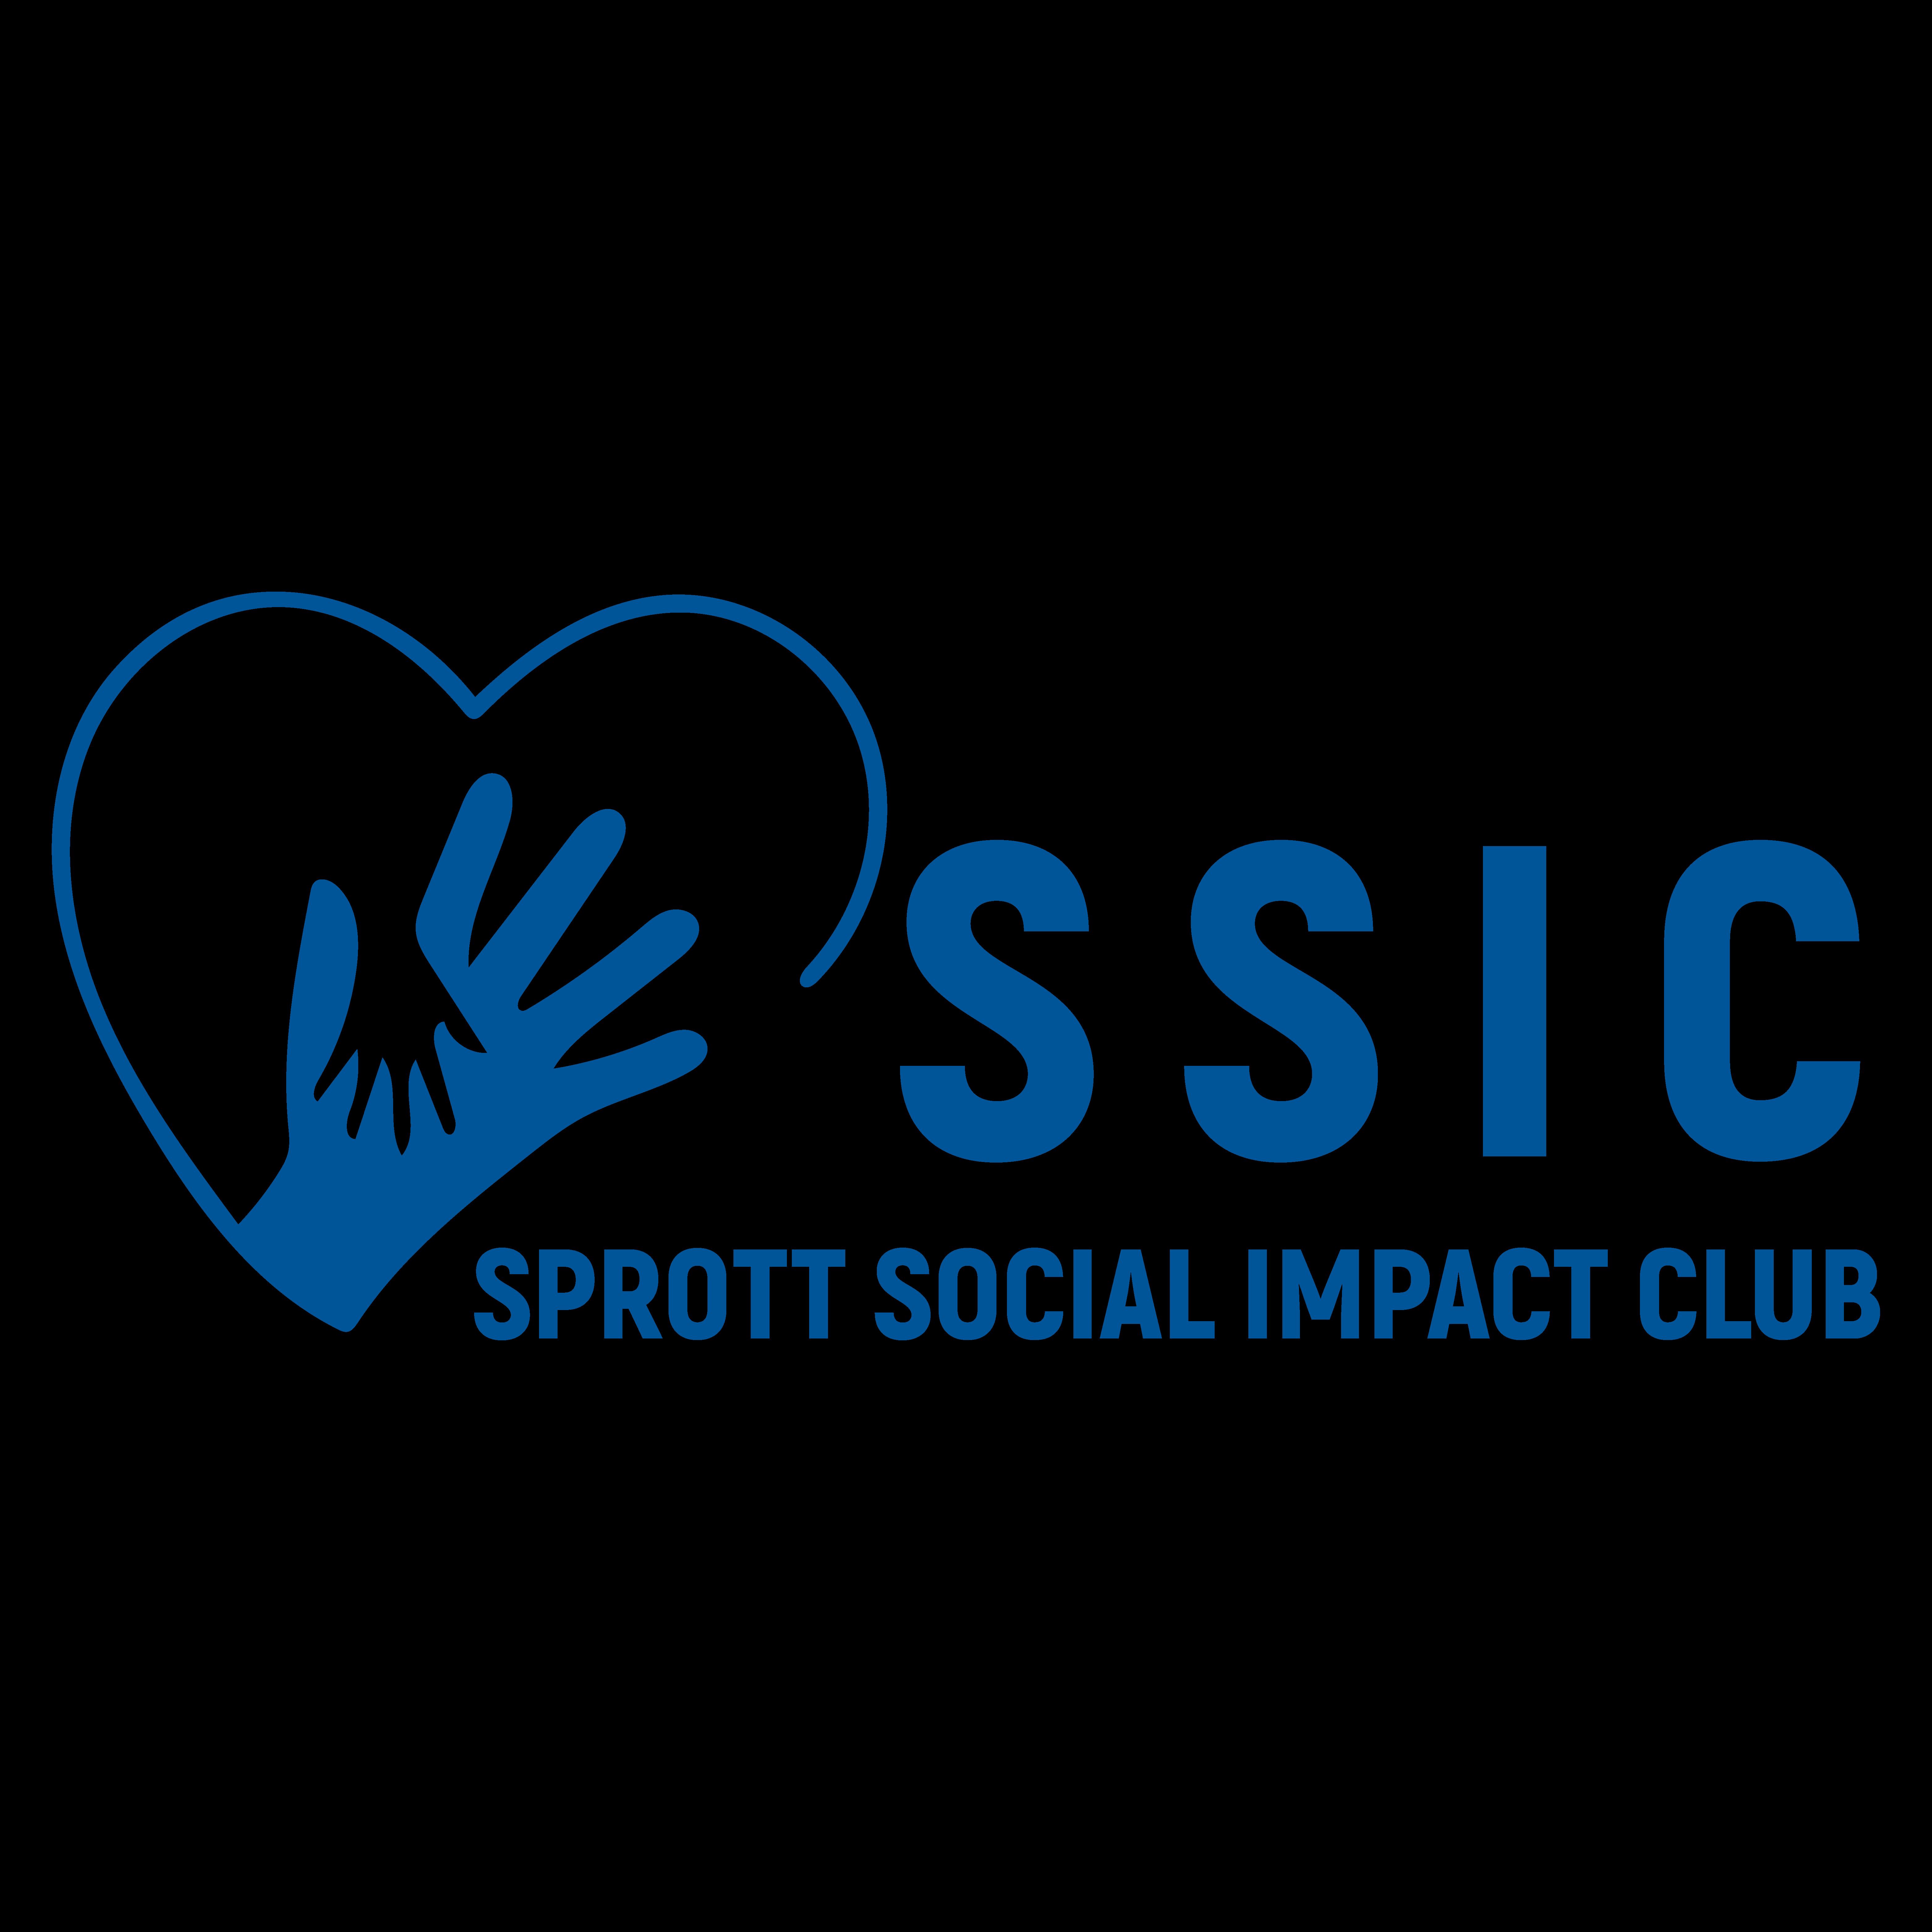 Sprott Social Impact Club